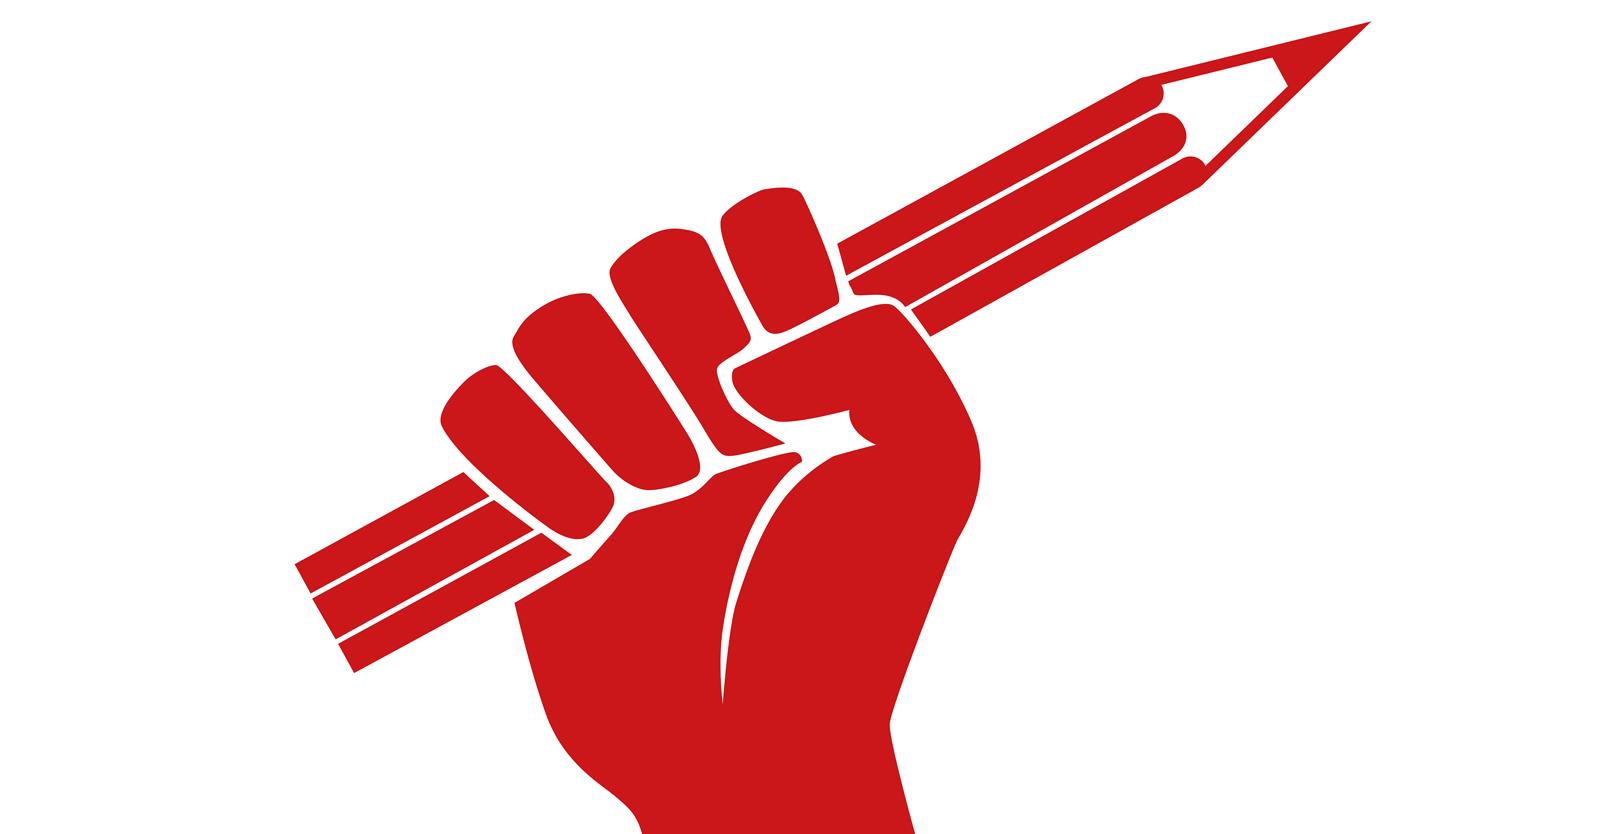 nobelprijs-voor-de-vrede-gaat-naar-journalisten-maria-ressa-en-dmitry-muratov,-teken-van-steun-voor-vrije-pers